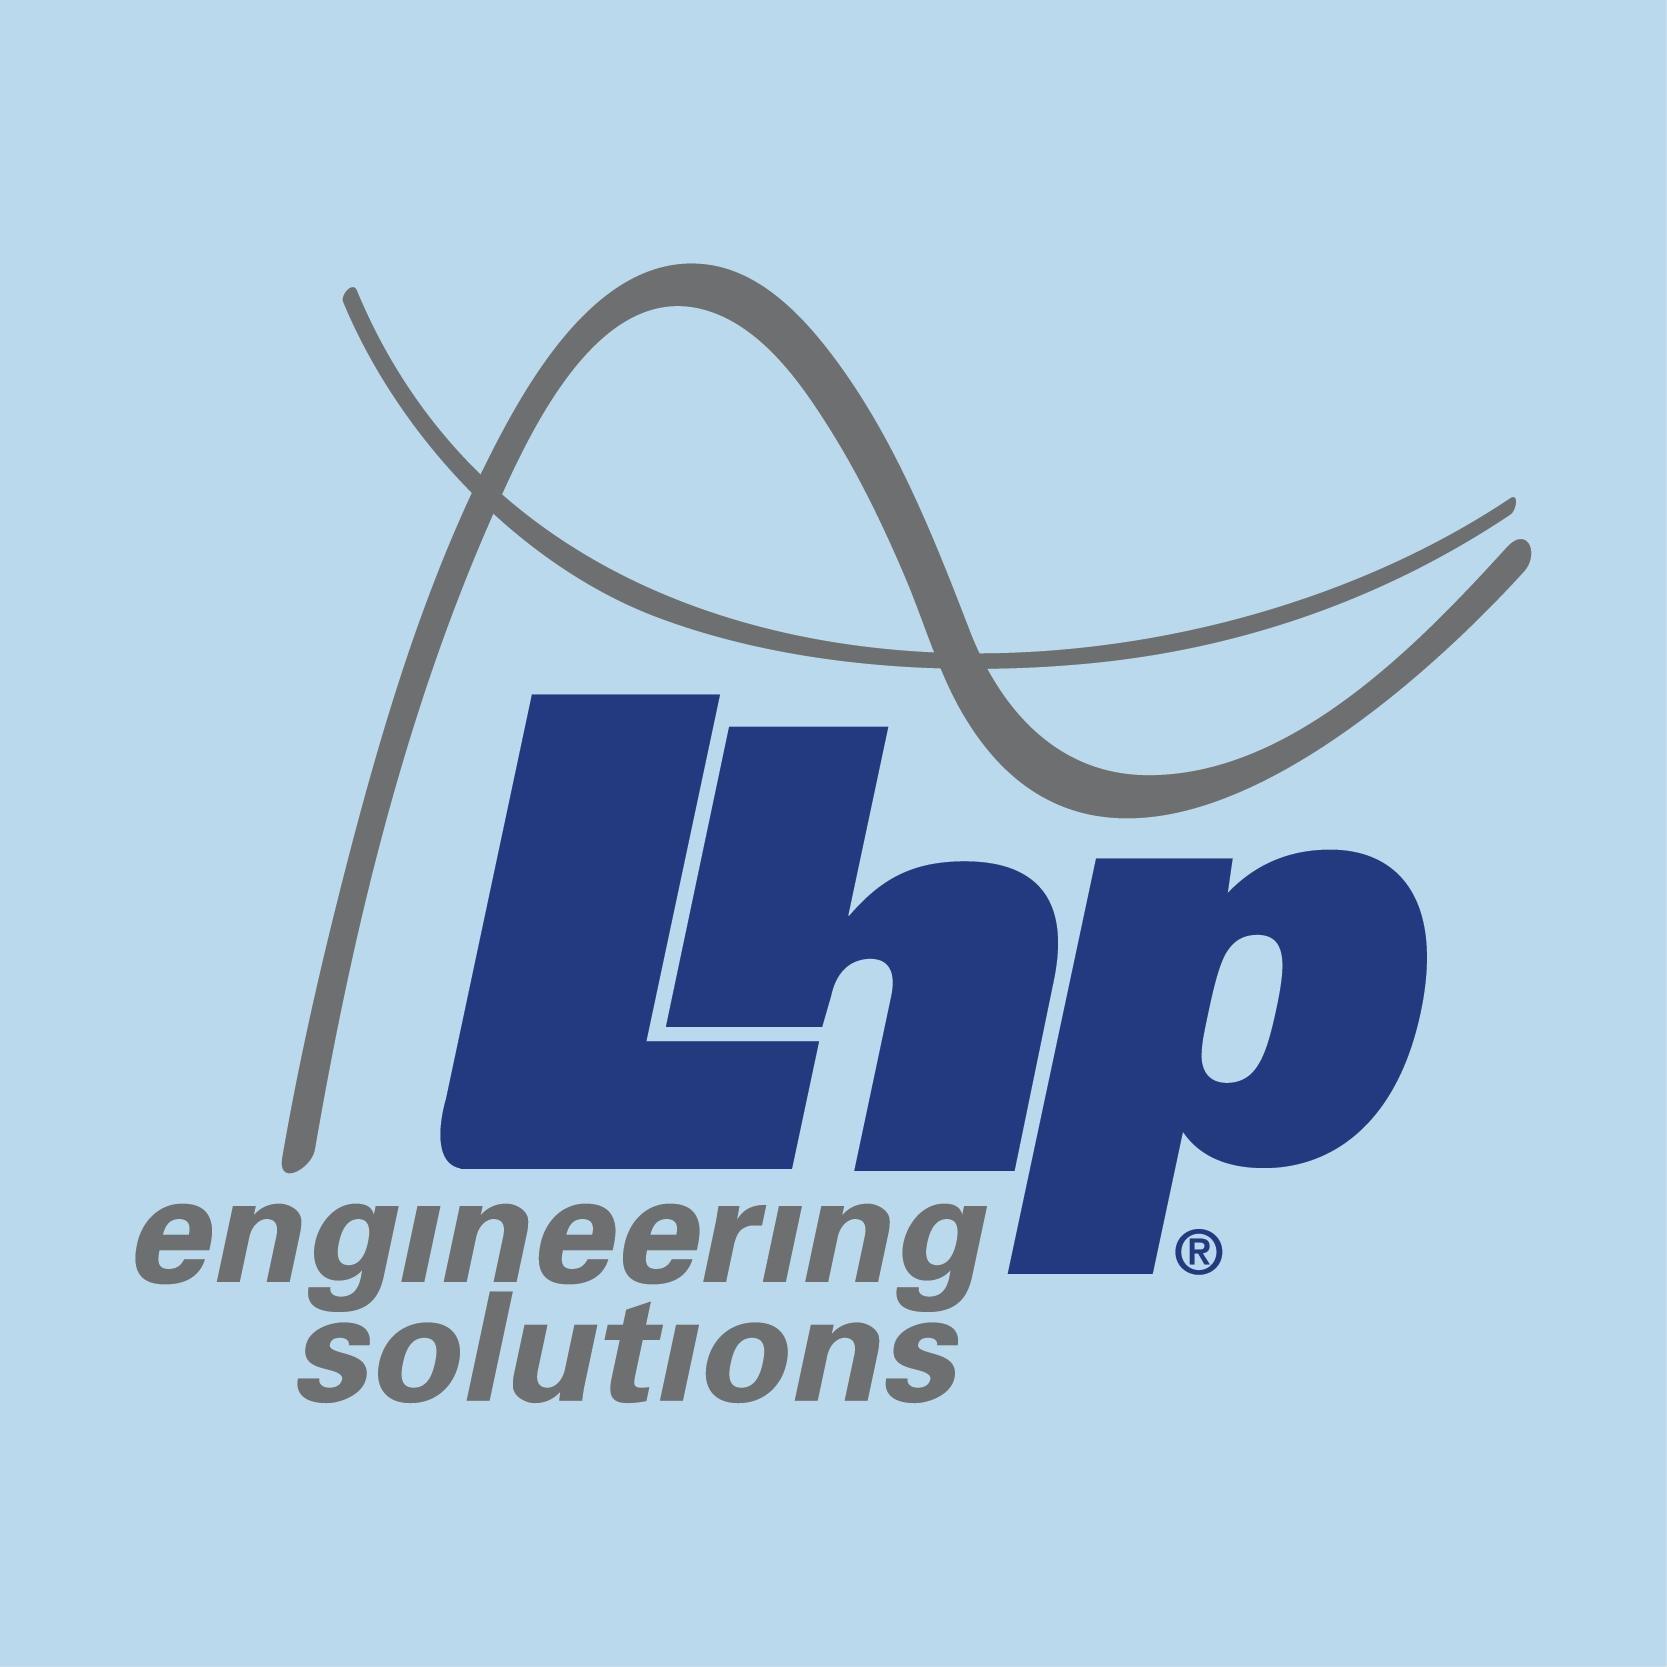 LHP Engineering Solutions- Careers (@LHPCareers) | Twitter